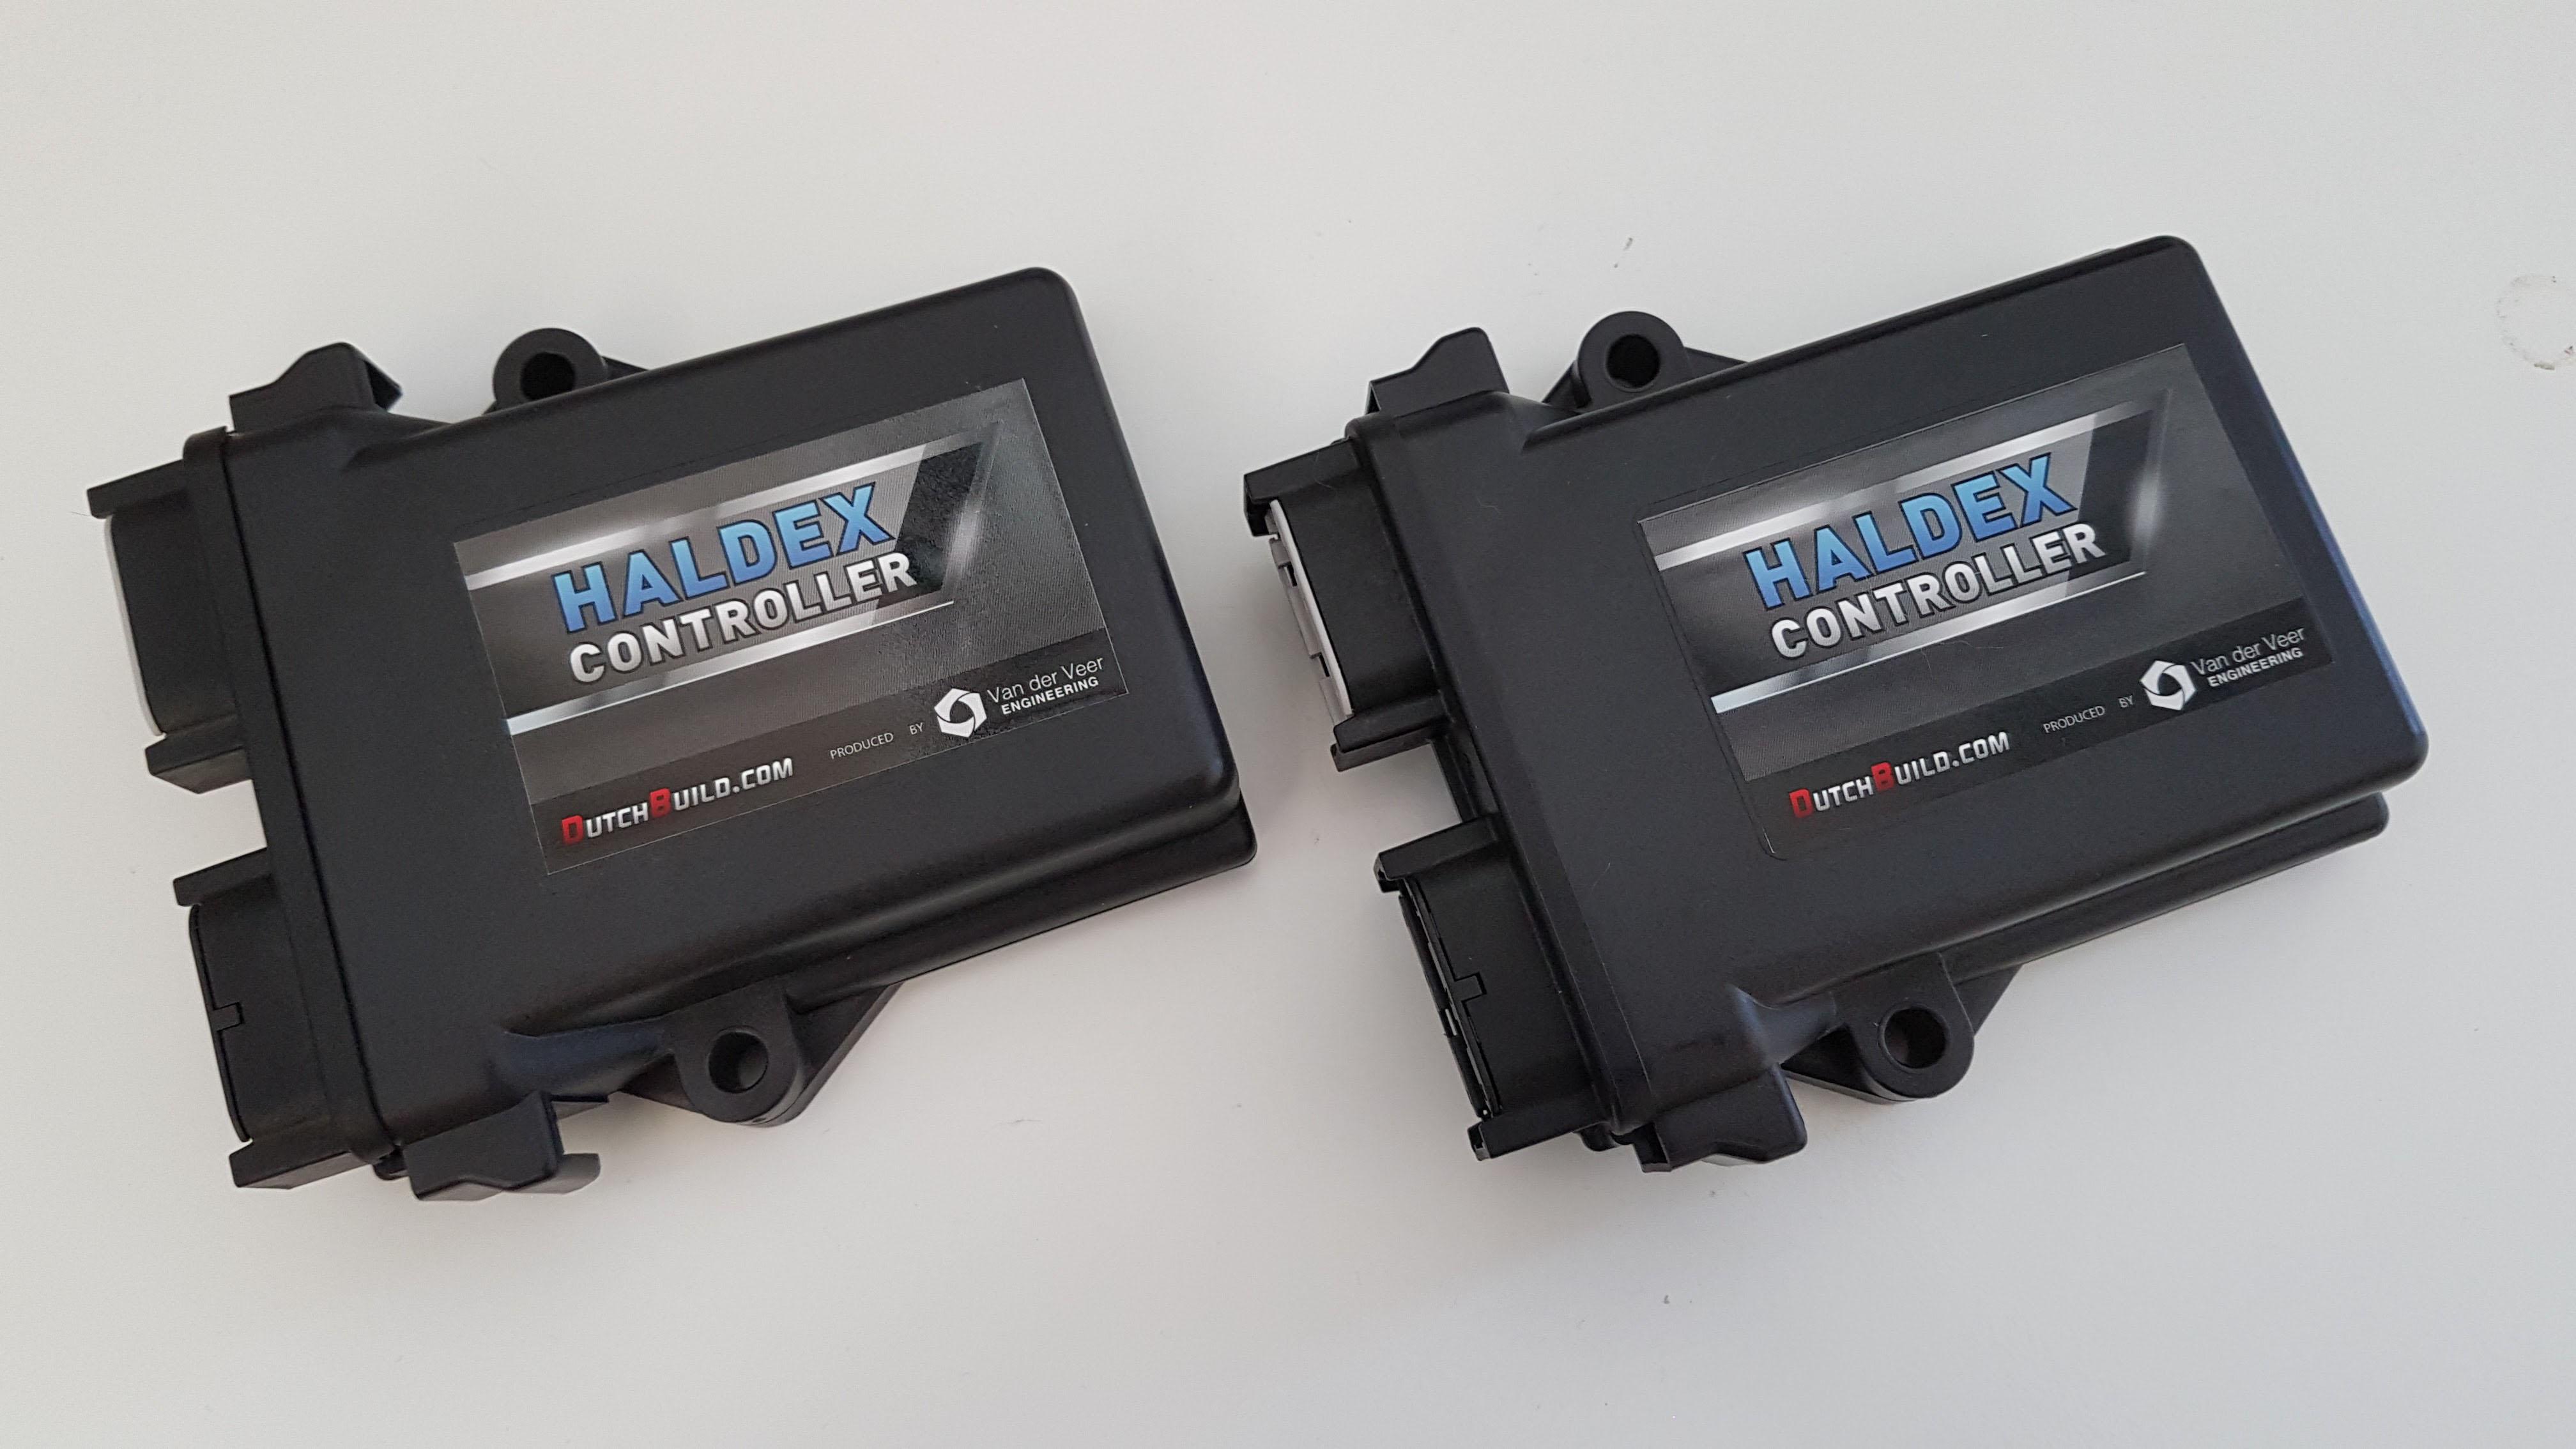 Dutchbuild Haldex controller